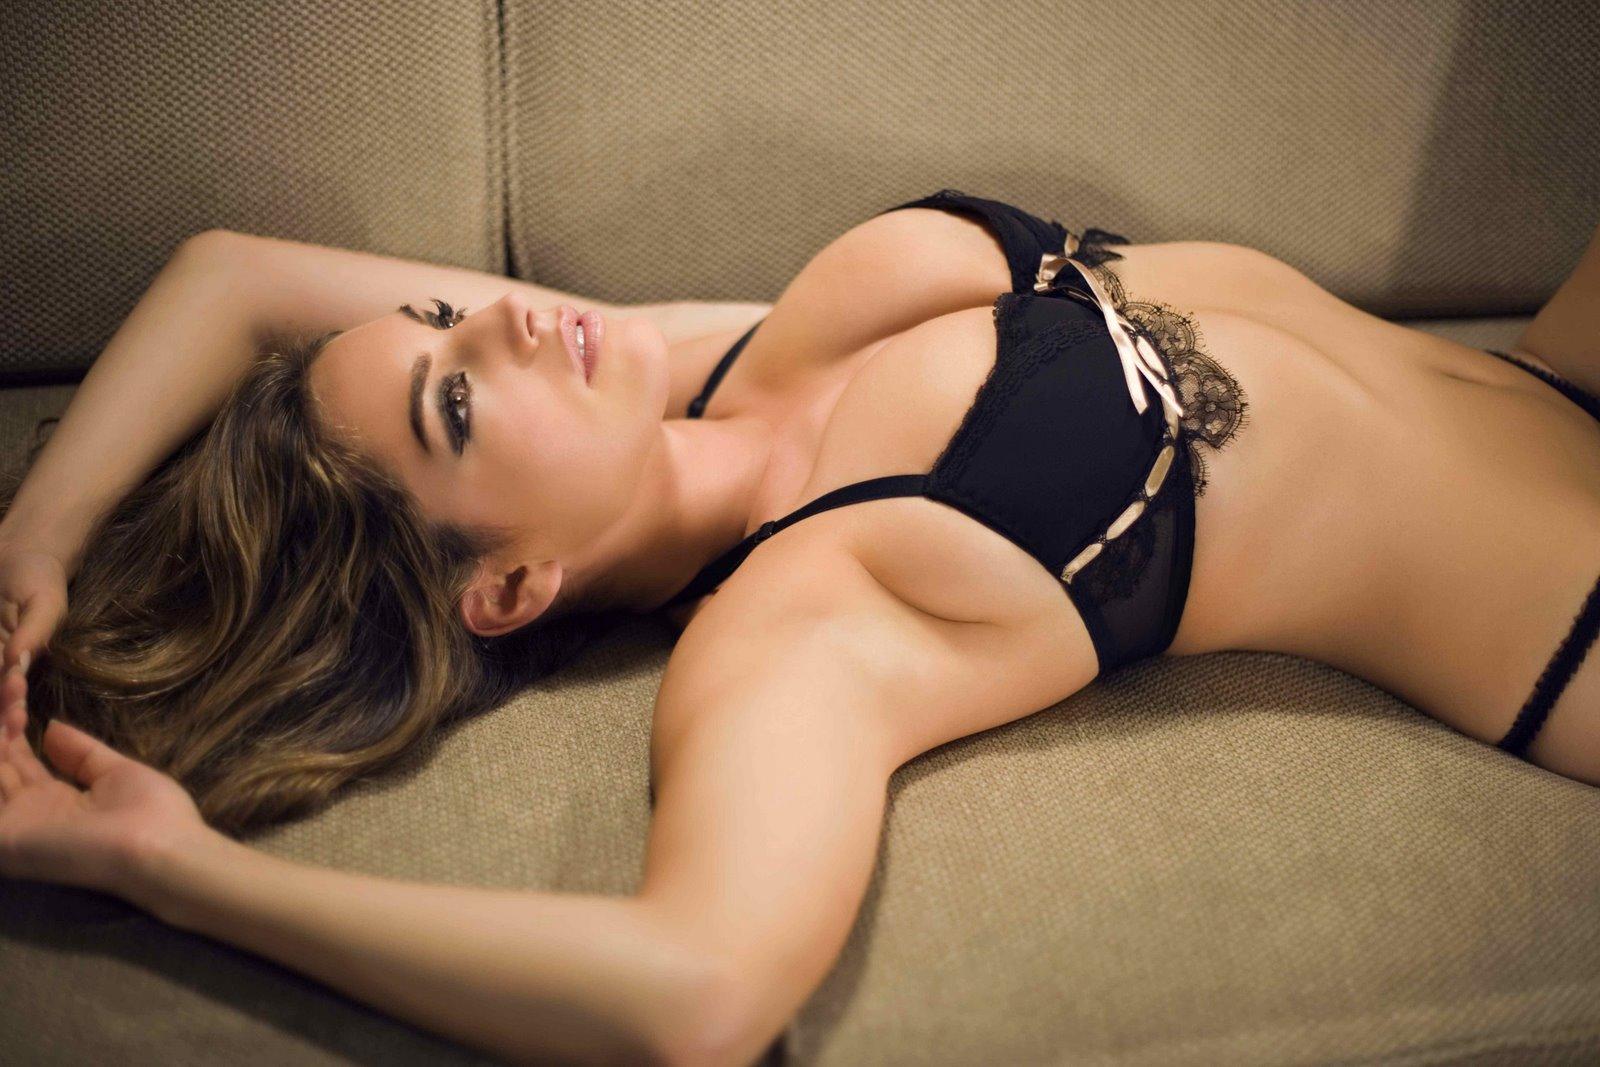 Abigail Ratchford Arm Bra For Fhm Spain - Sex Porn Images